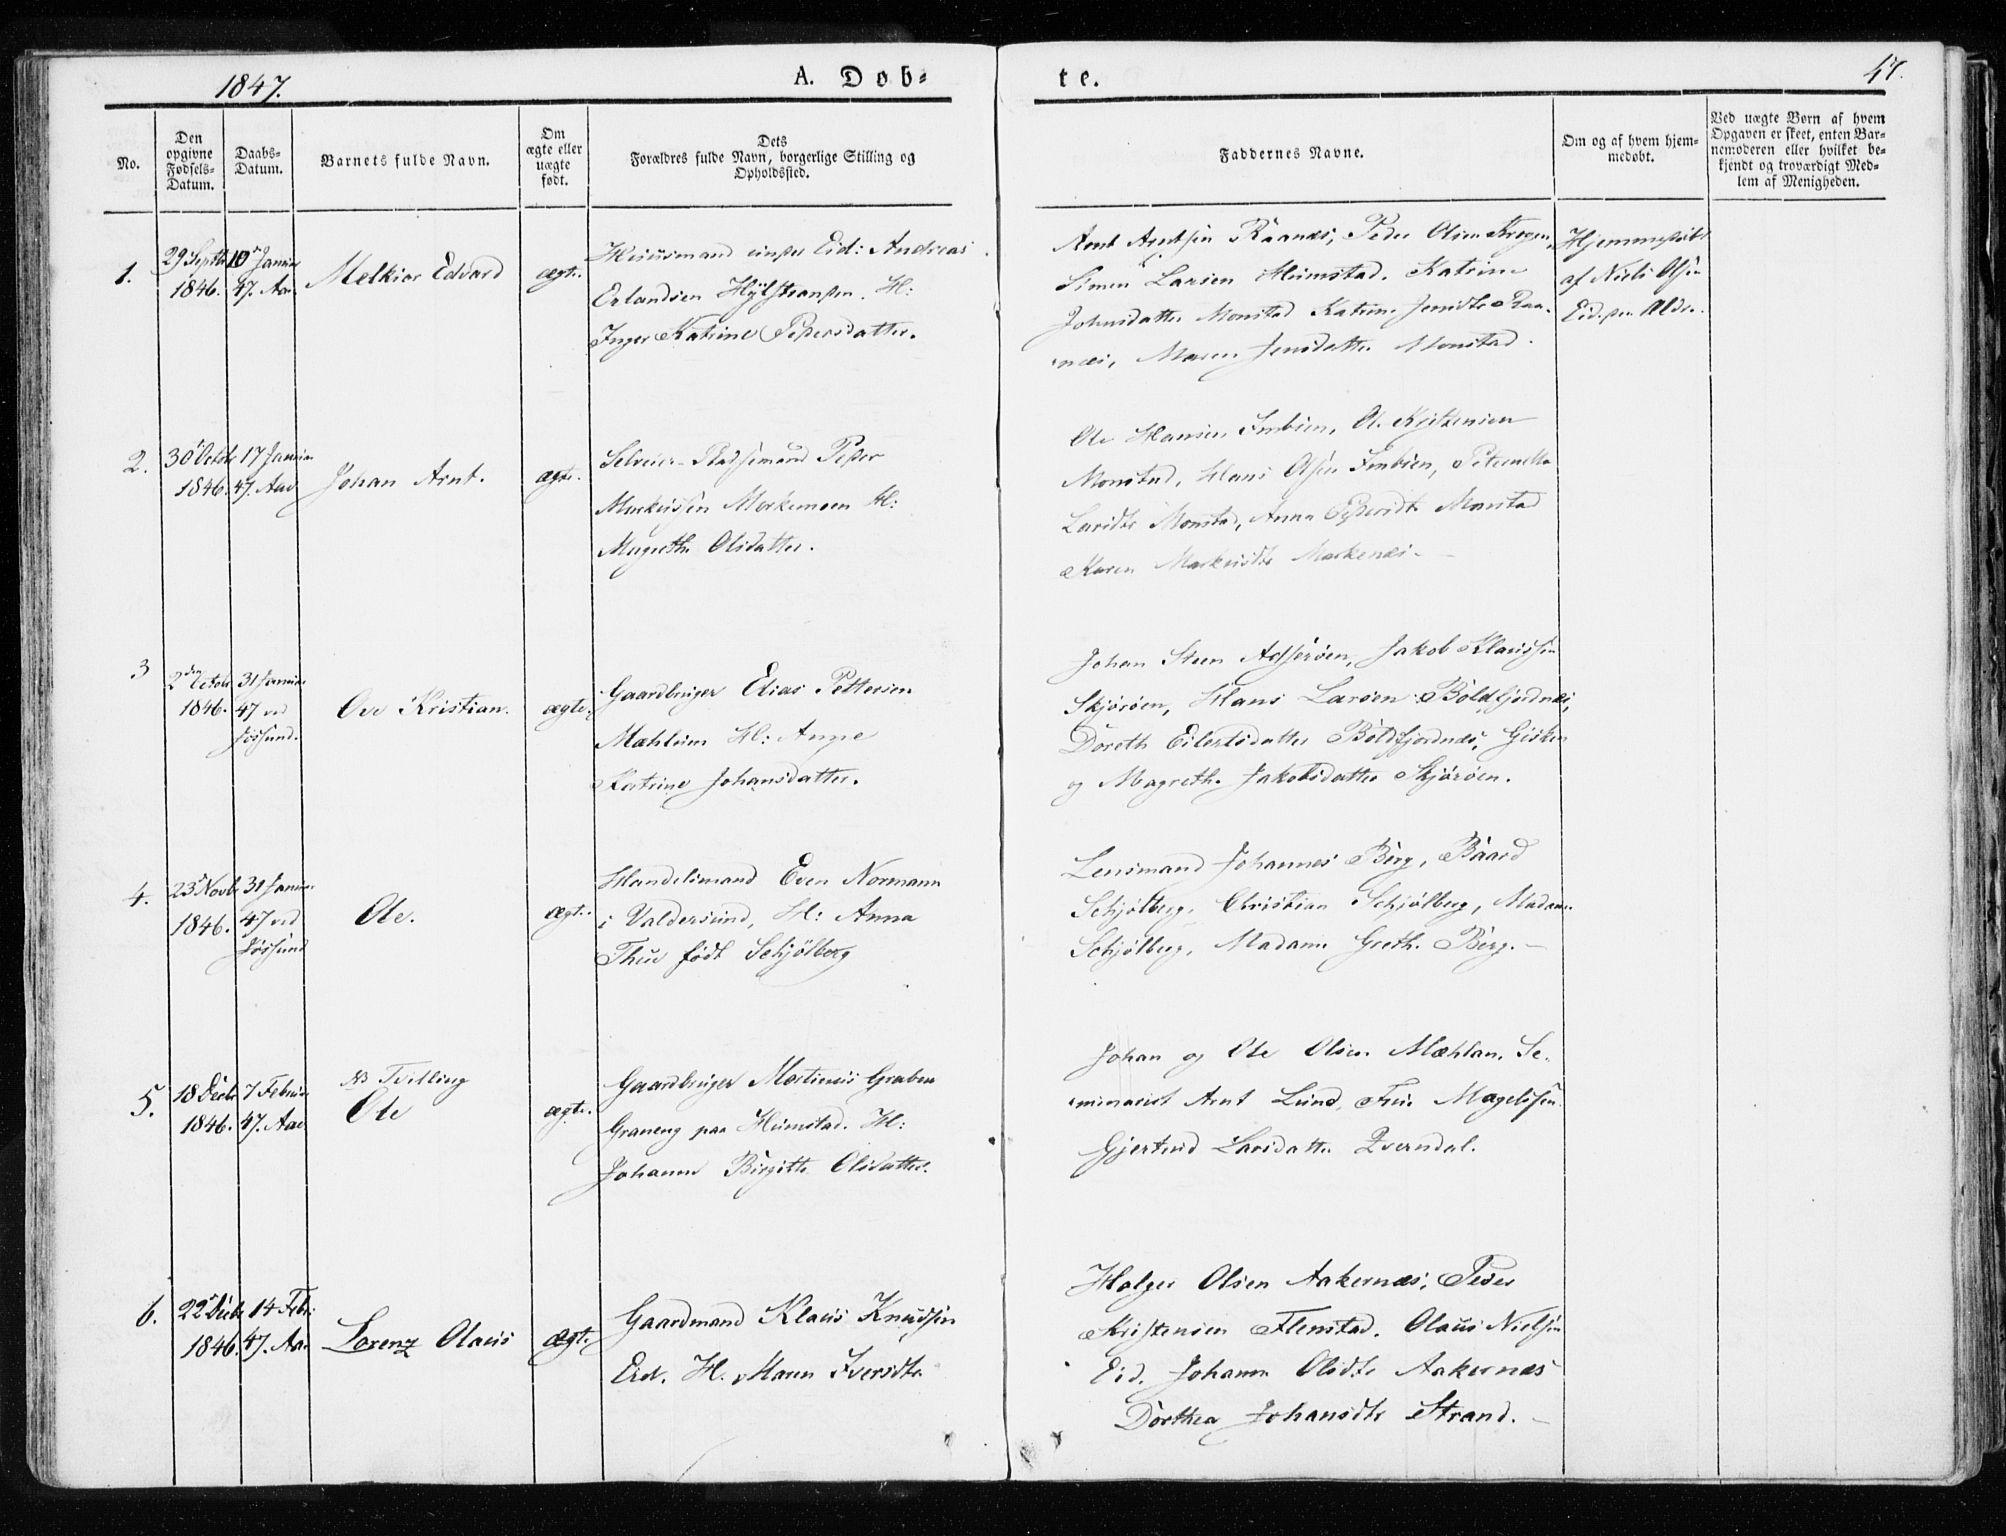 SAT, Ministerialprotokoller, klokkerbøker og fødselsregistre - Sør-Trøndelag, 655/L0676: Ministerialbok nr. 655A05, 1830-1847, s. 47